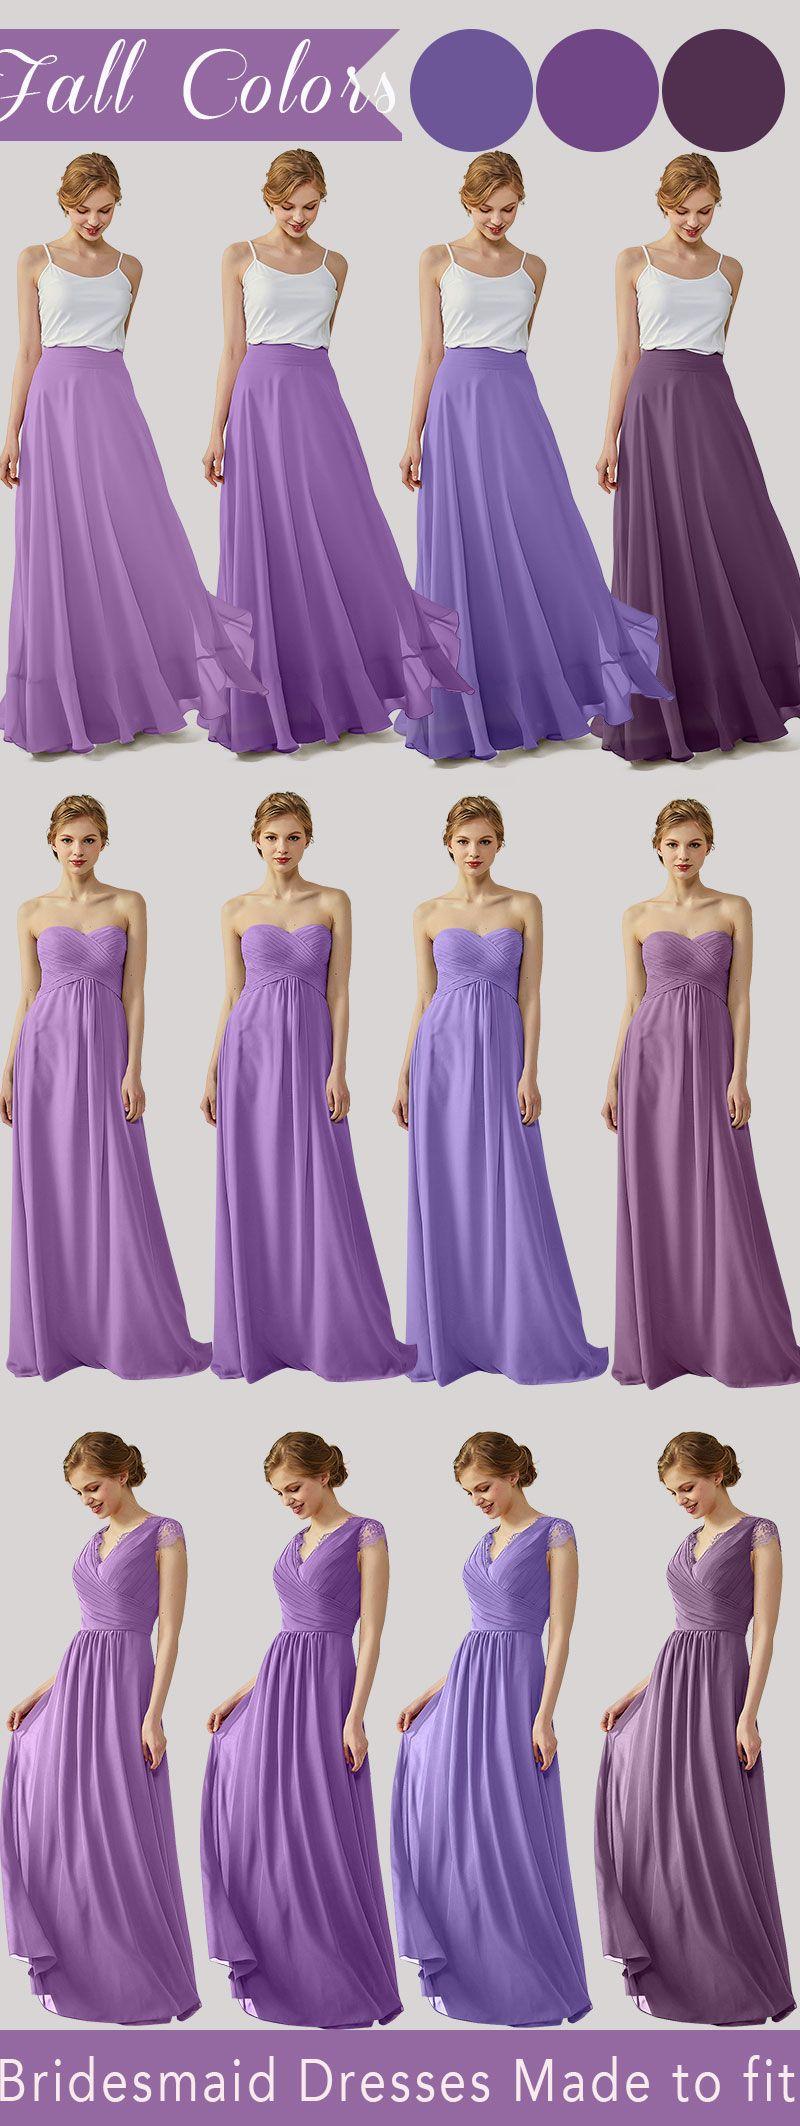 fall bridesmaid dresses ruffle skirts sweetheart chiffon